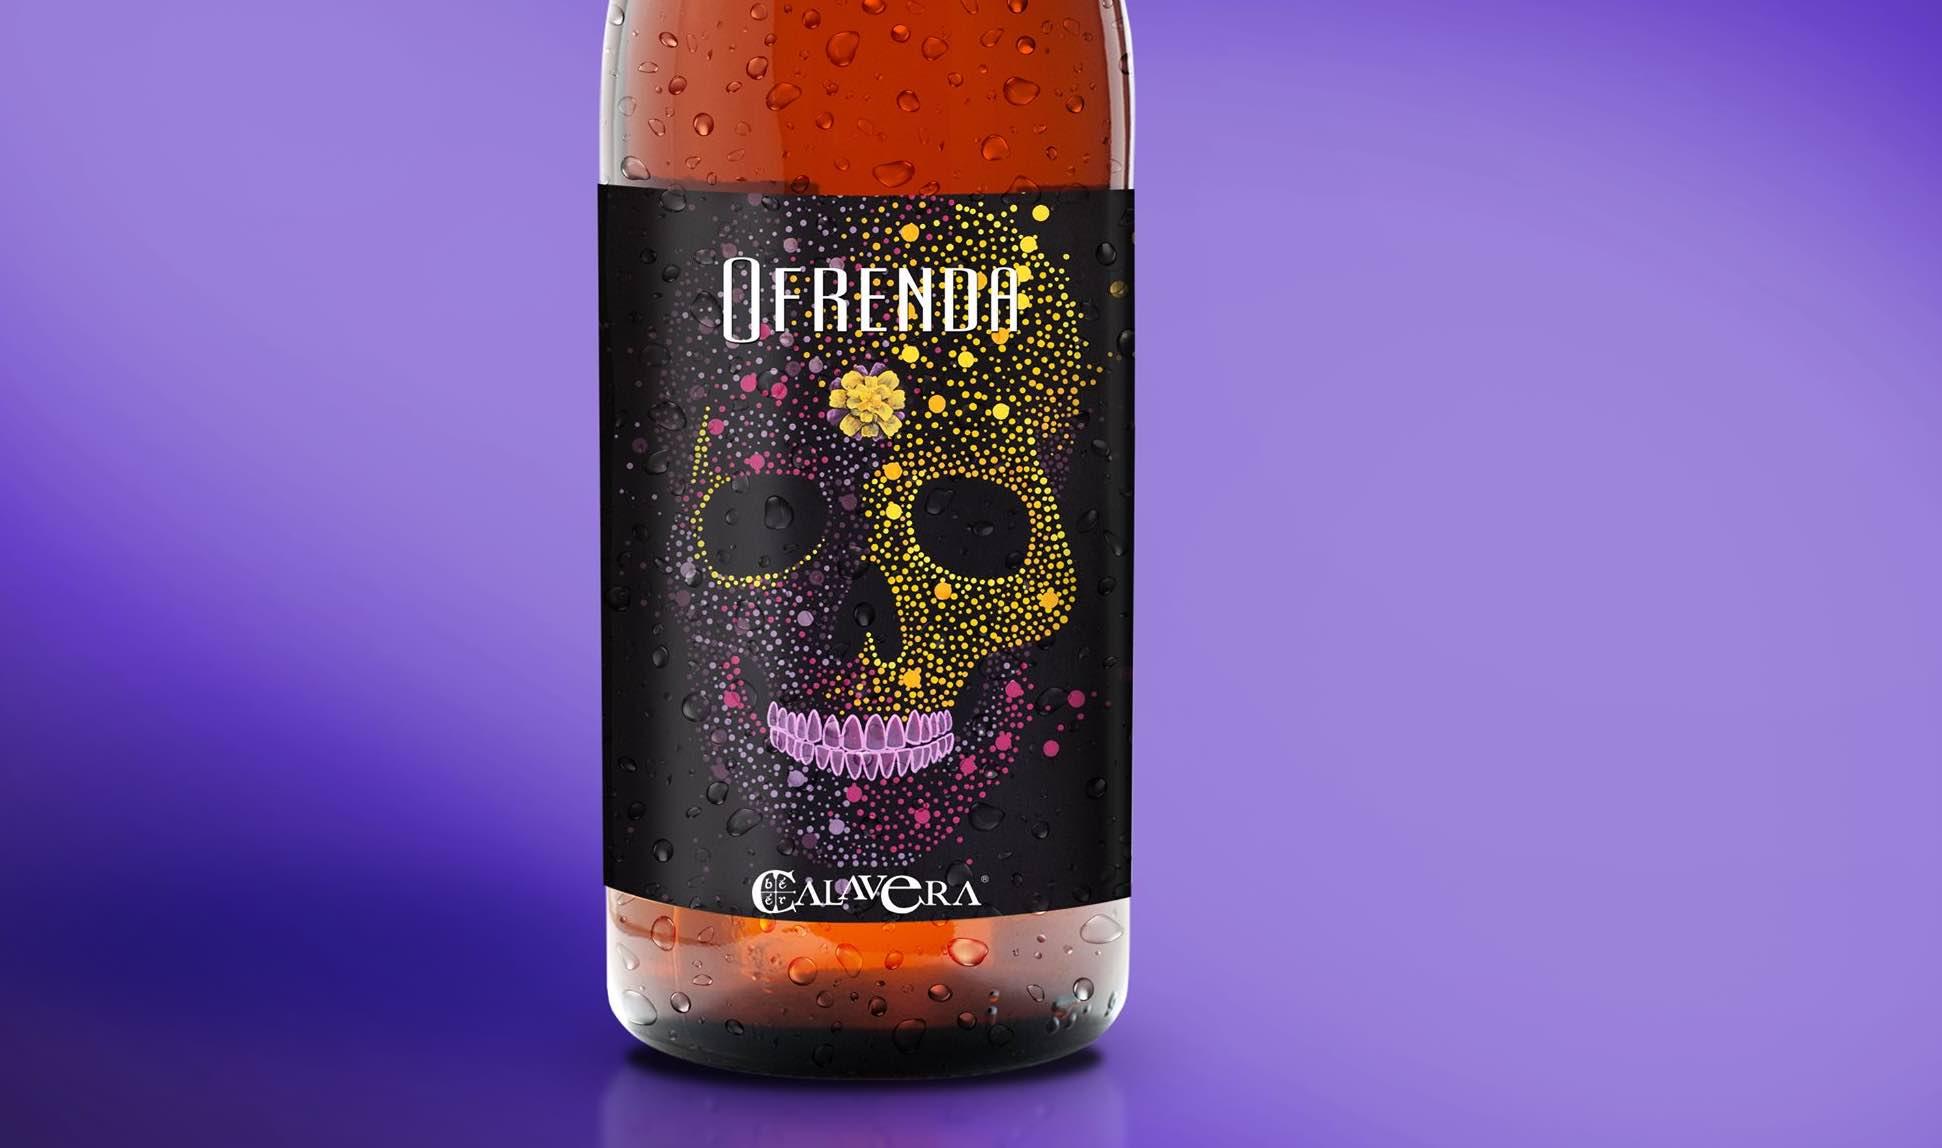 Ofrenda: La cerveza del Día de Muertos con calaveritas de azúcar y calabaza